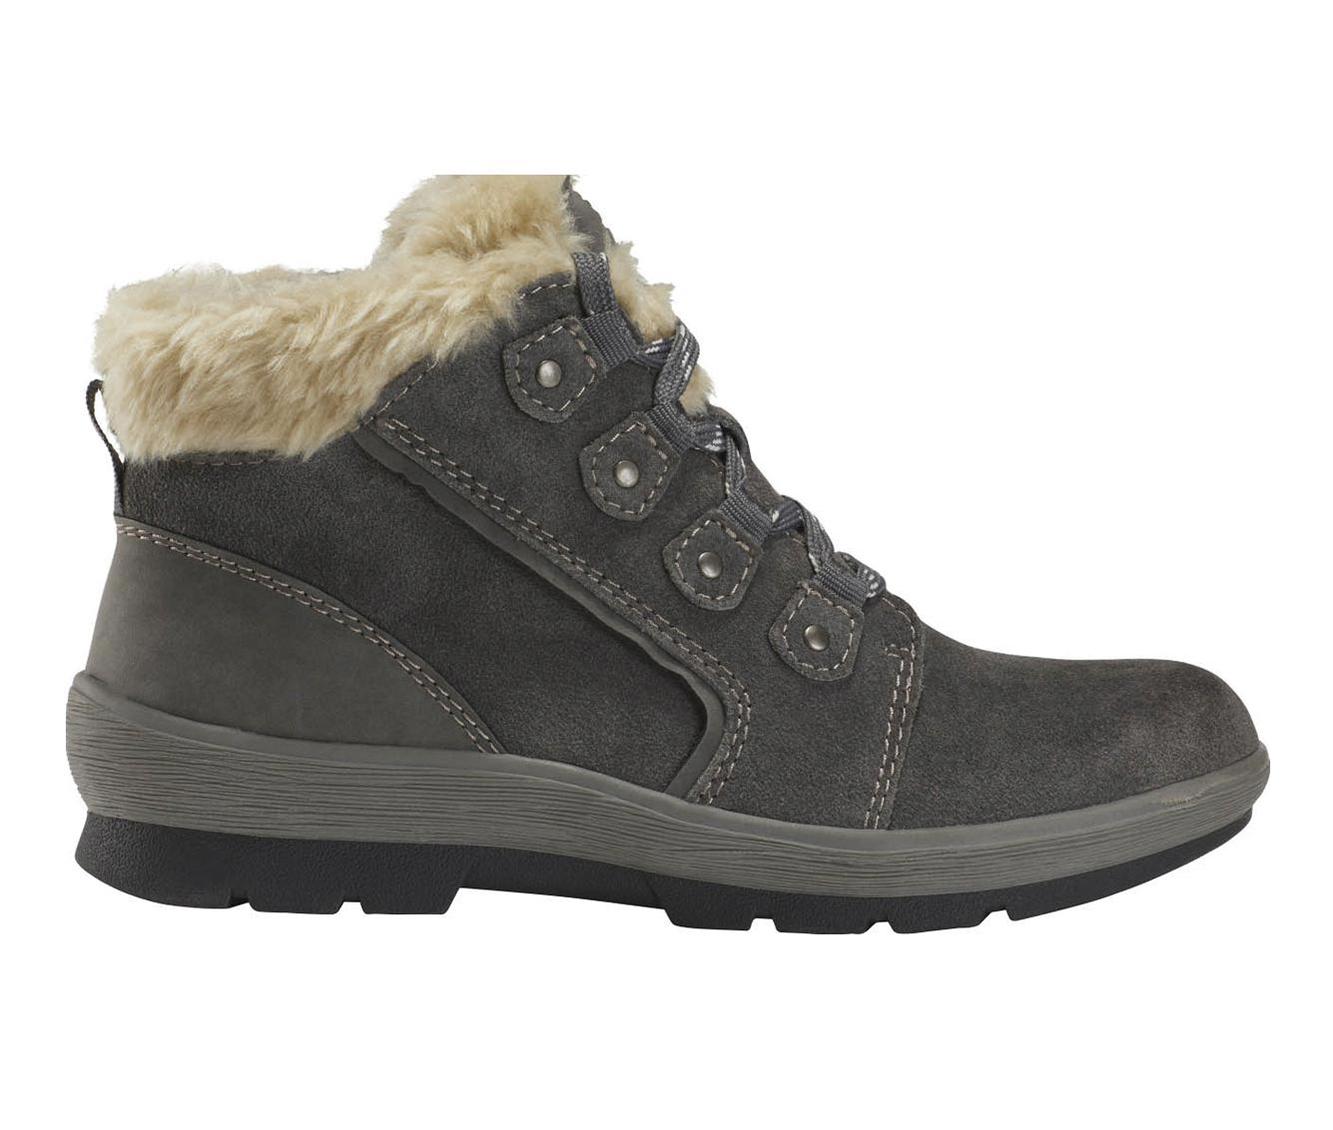 Earth Origins Sherpa Scarlett Women's Boots (Gray - Suede)